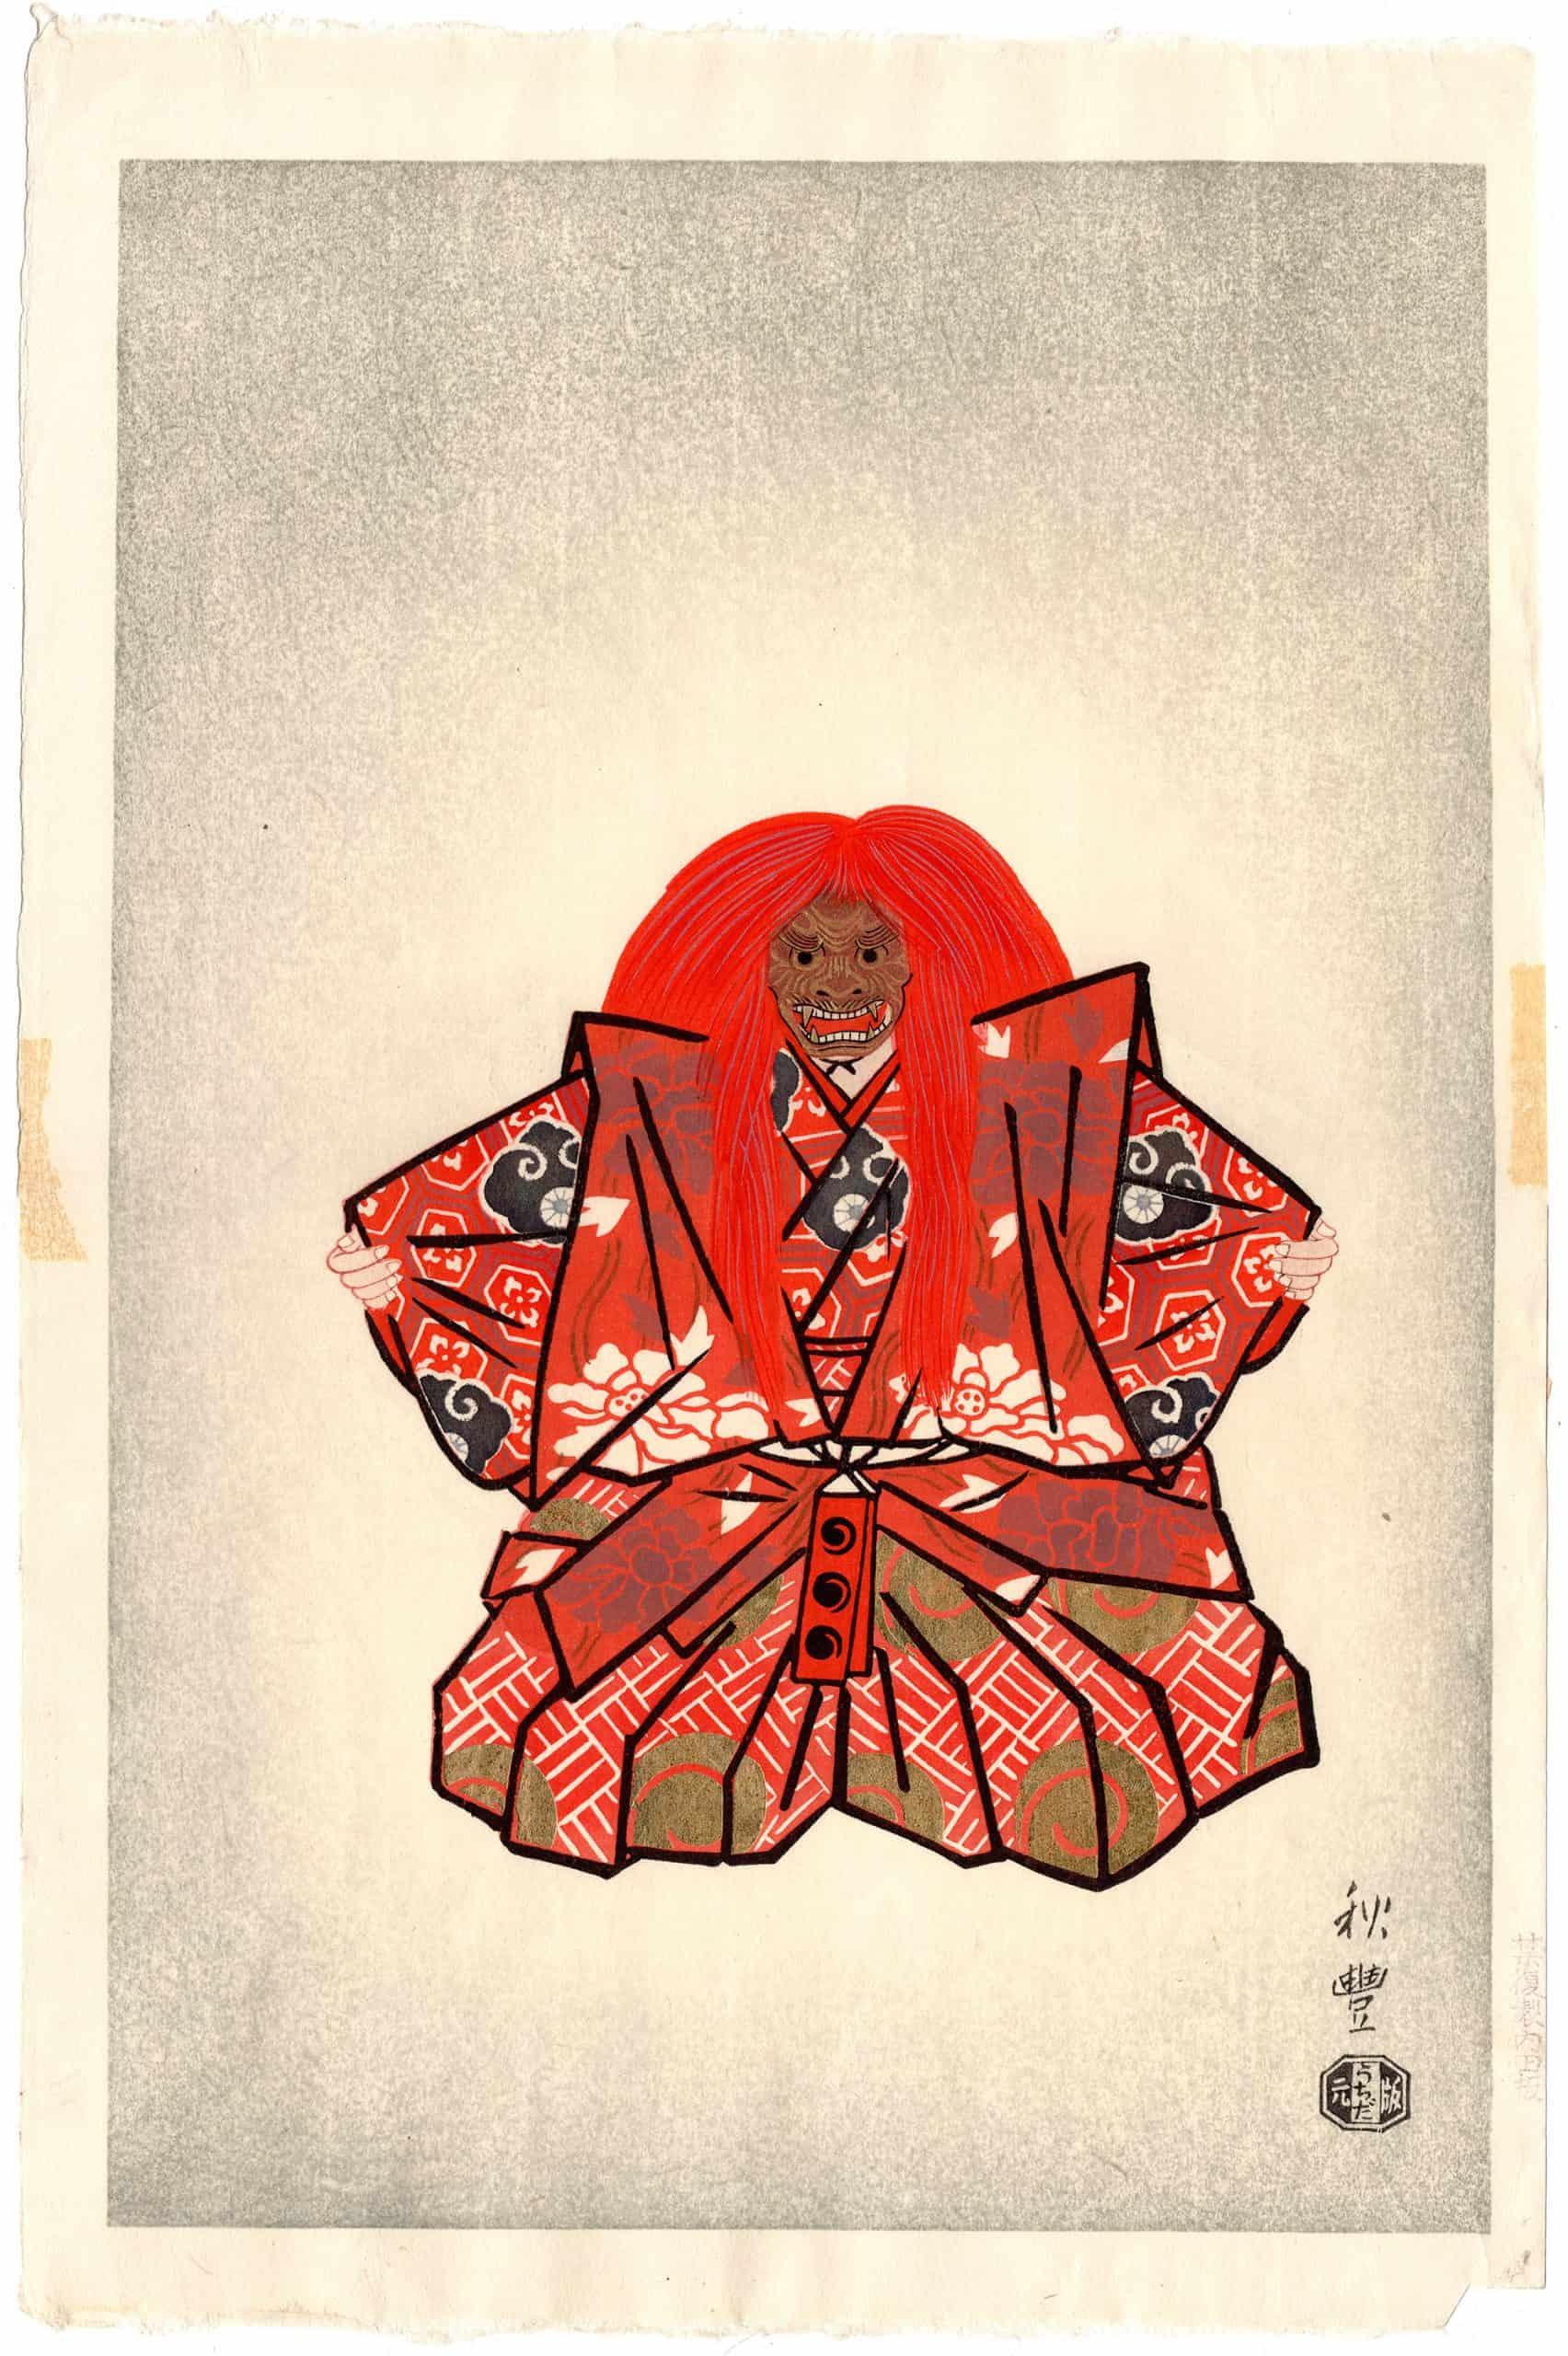 Terada Akitoyo - Red Lion Dance (Shakkyo)